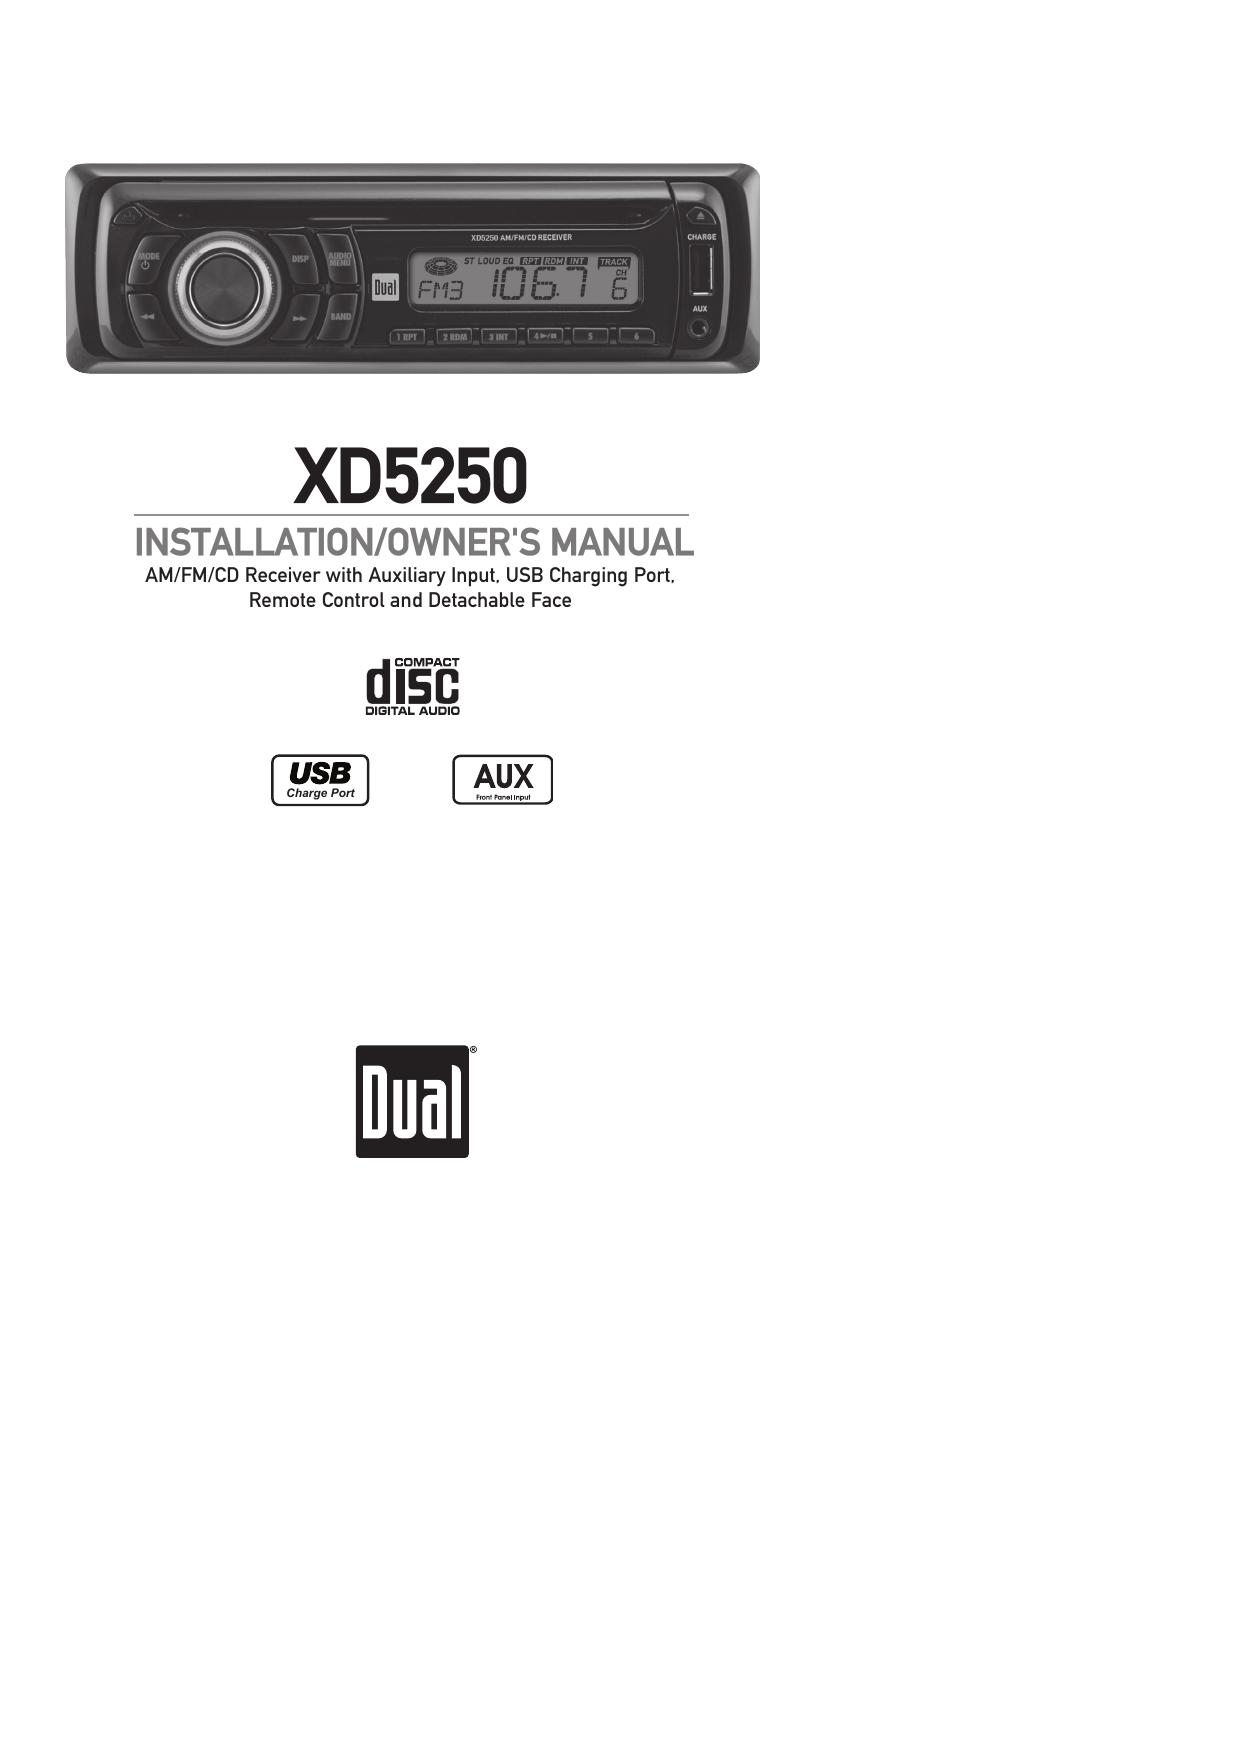 XD5250 - Free Manual Downloads | Manualzzmanualzz